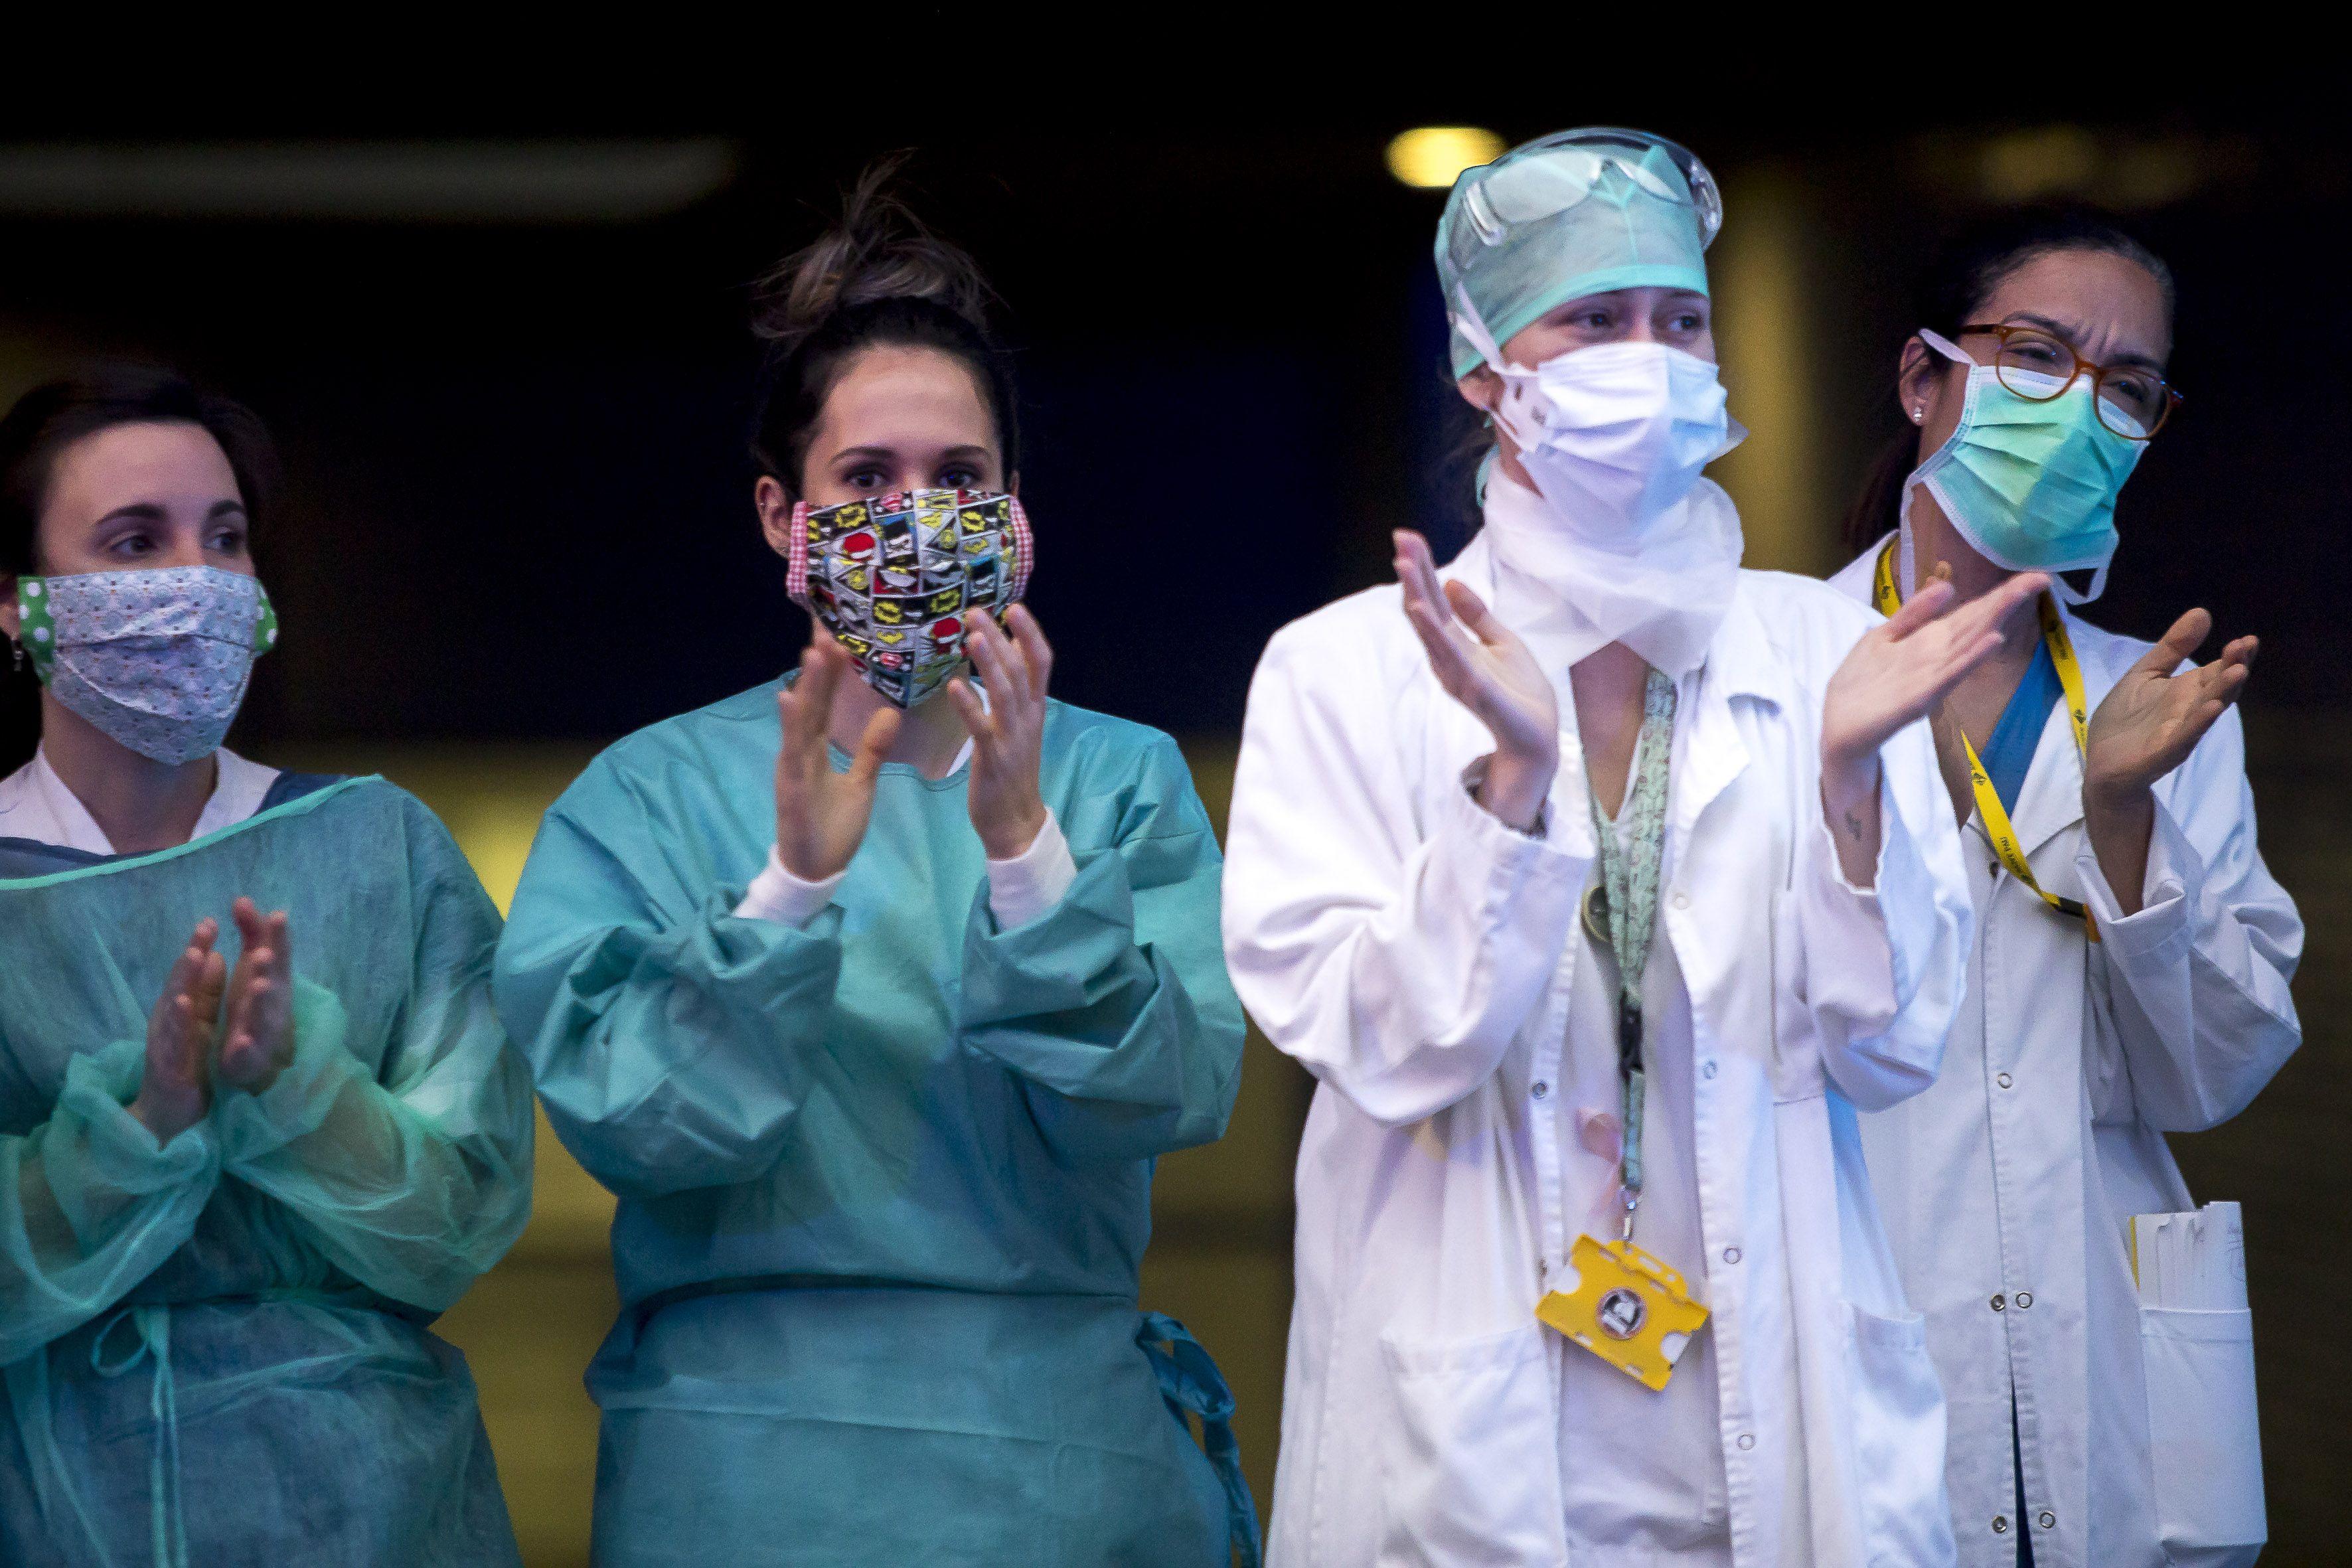 Enfermer@s, médic@s... Ellos son los auténticos influencers a los que seguir en Instagram